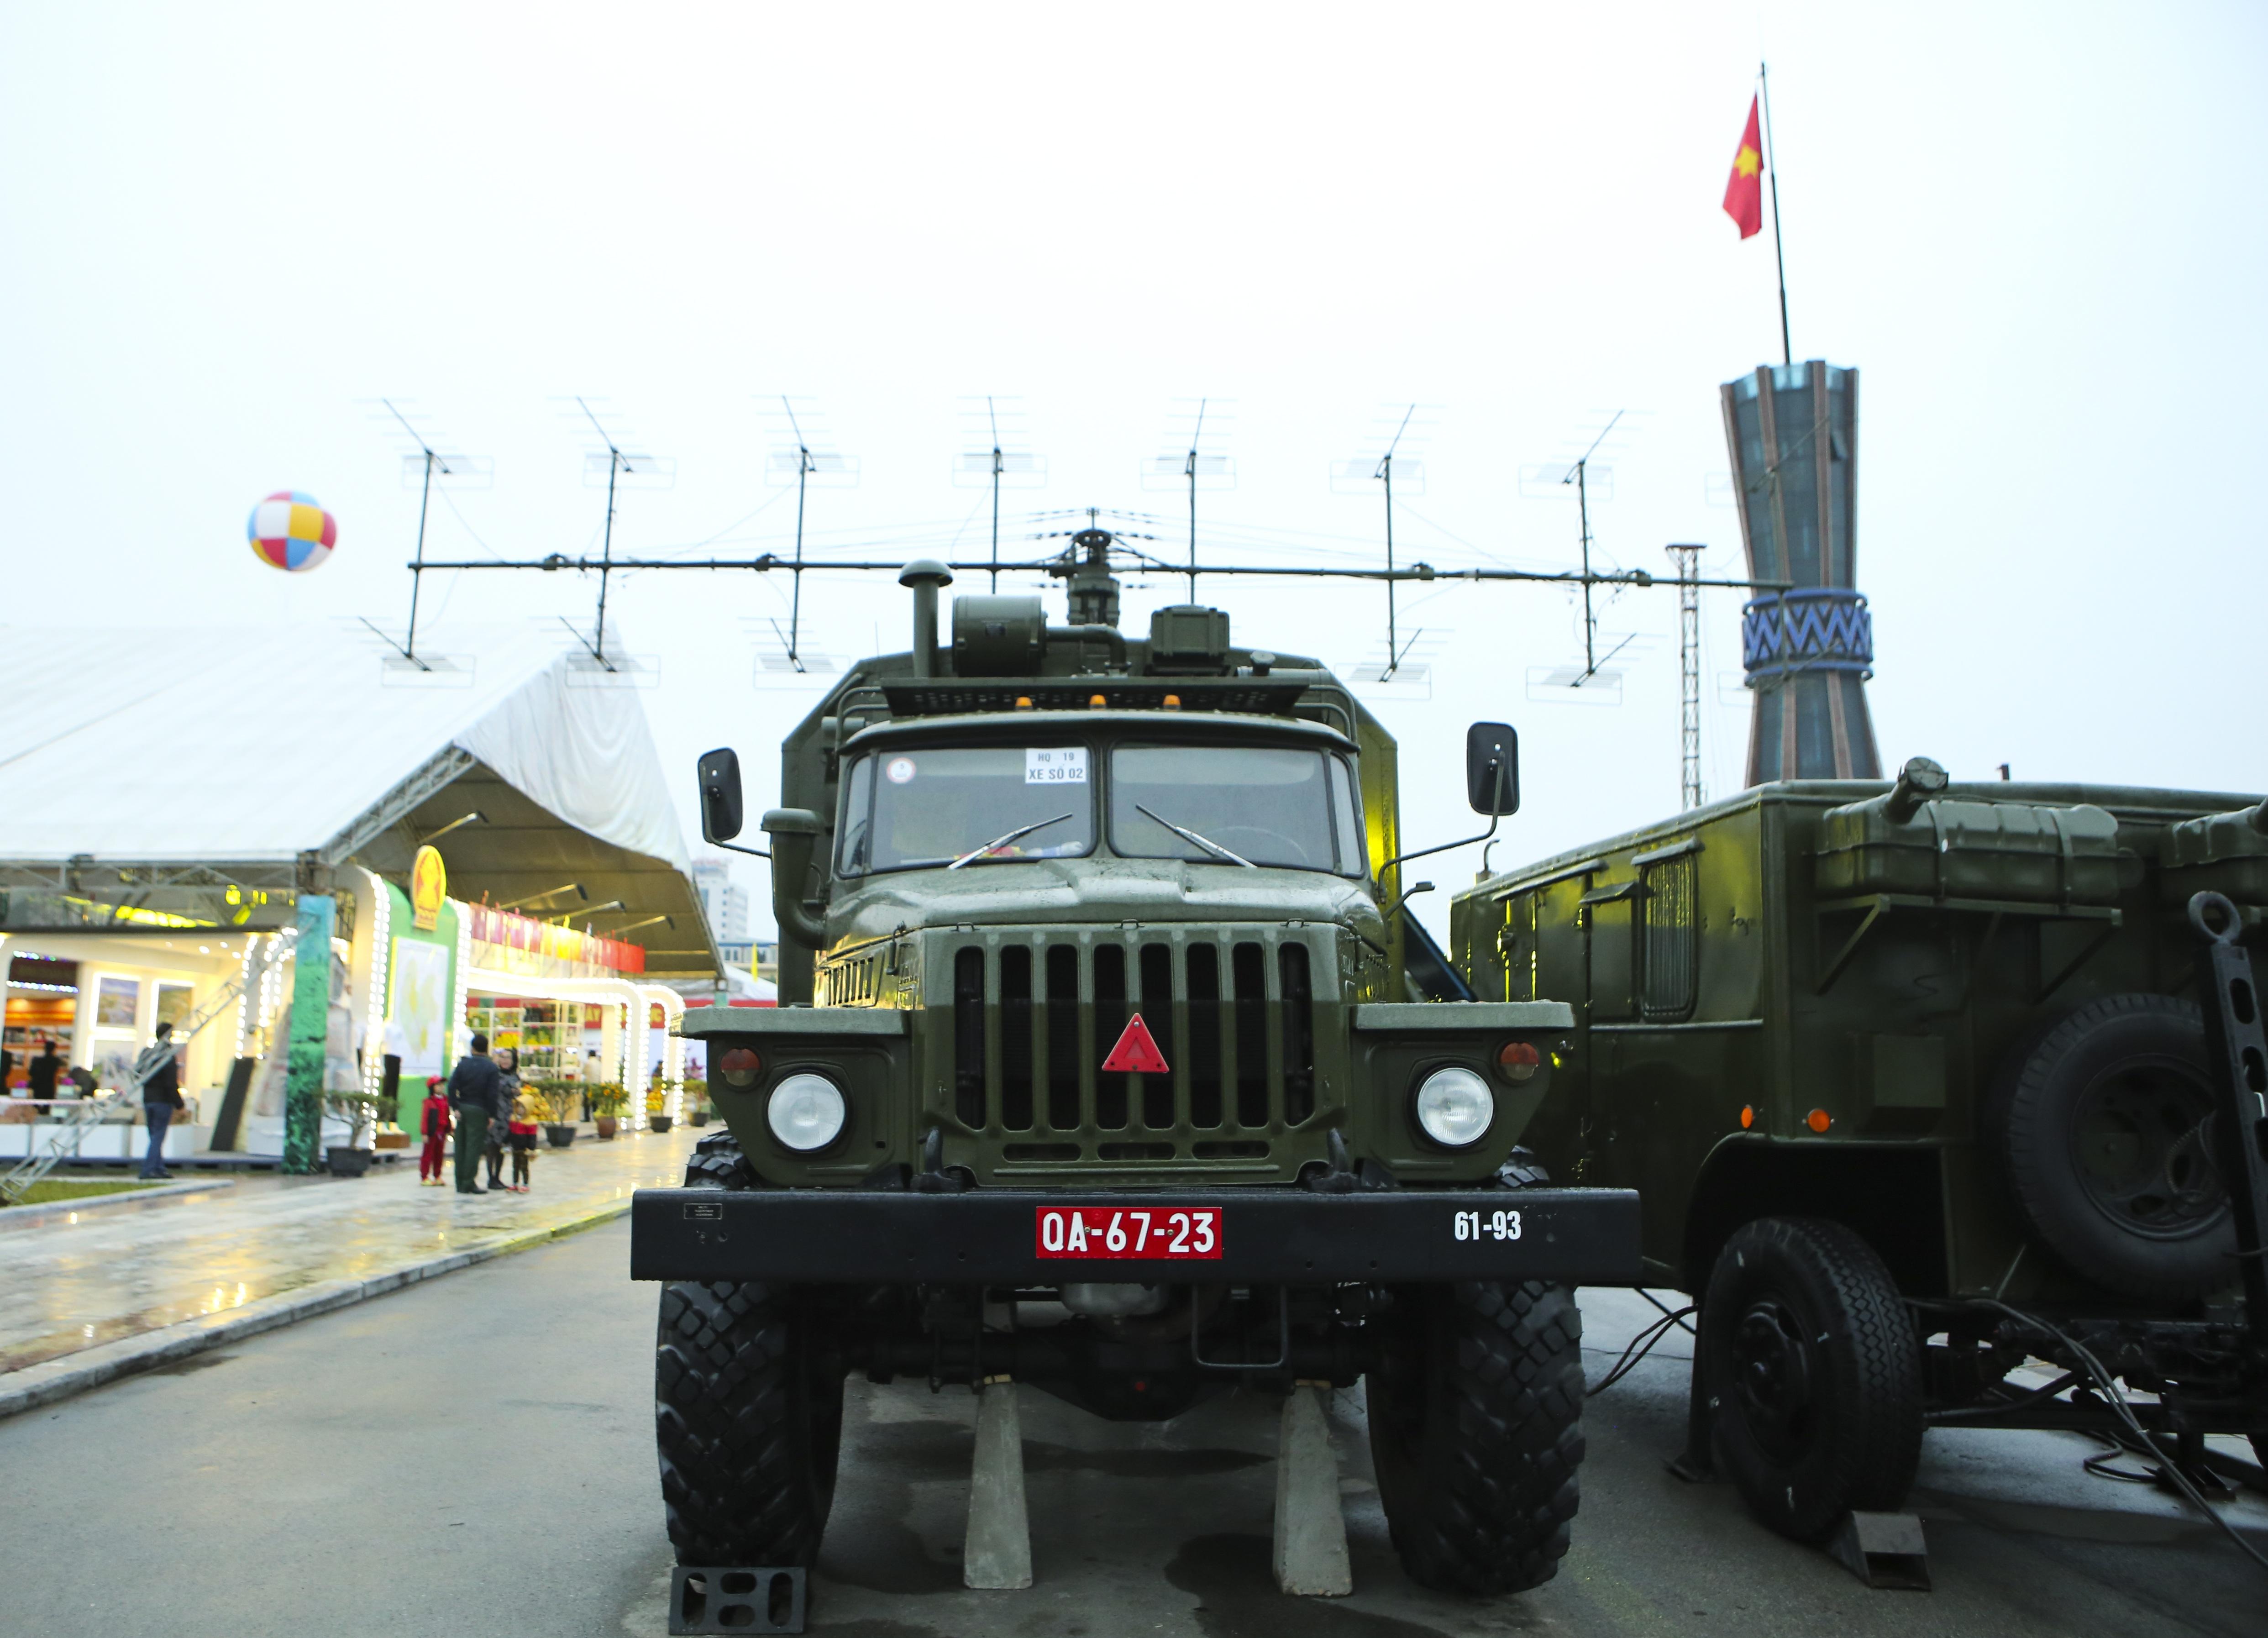 Cận cảnh dàn radar chống mục tiêu tàng hình tối tân của Quân đội Nhân dân Việt Nam - 7